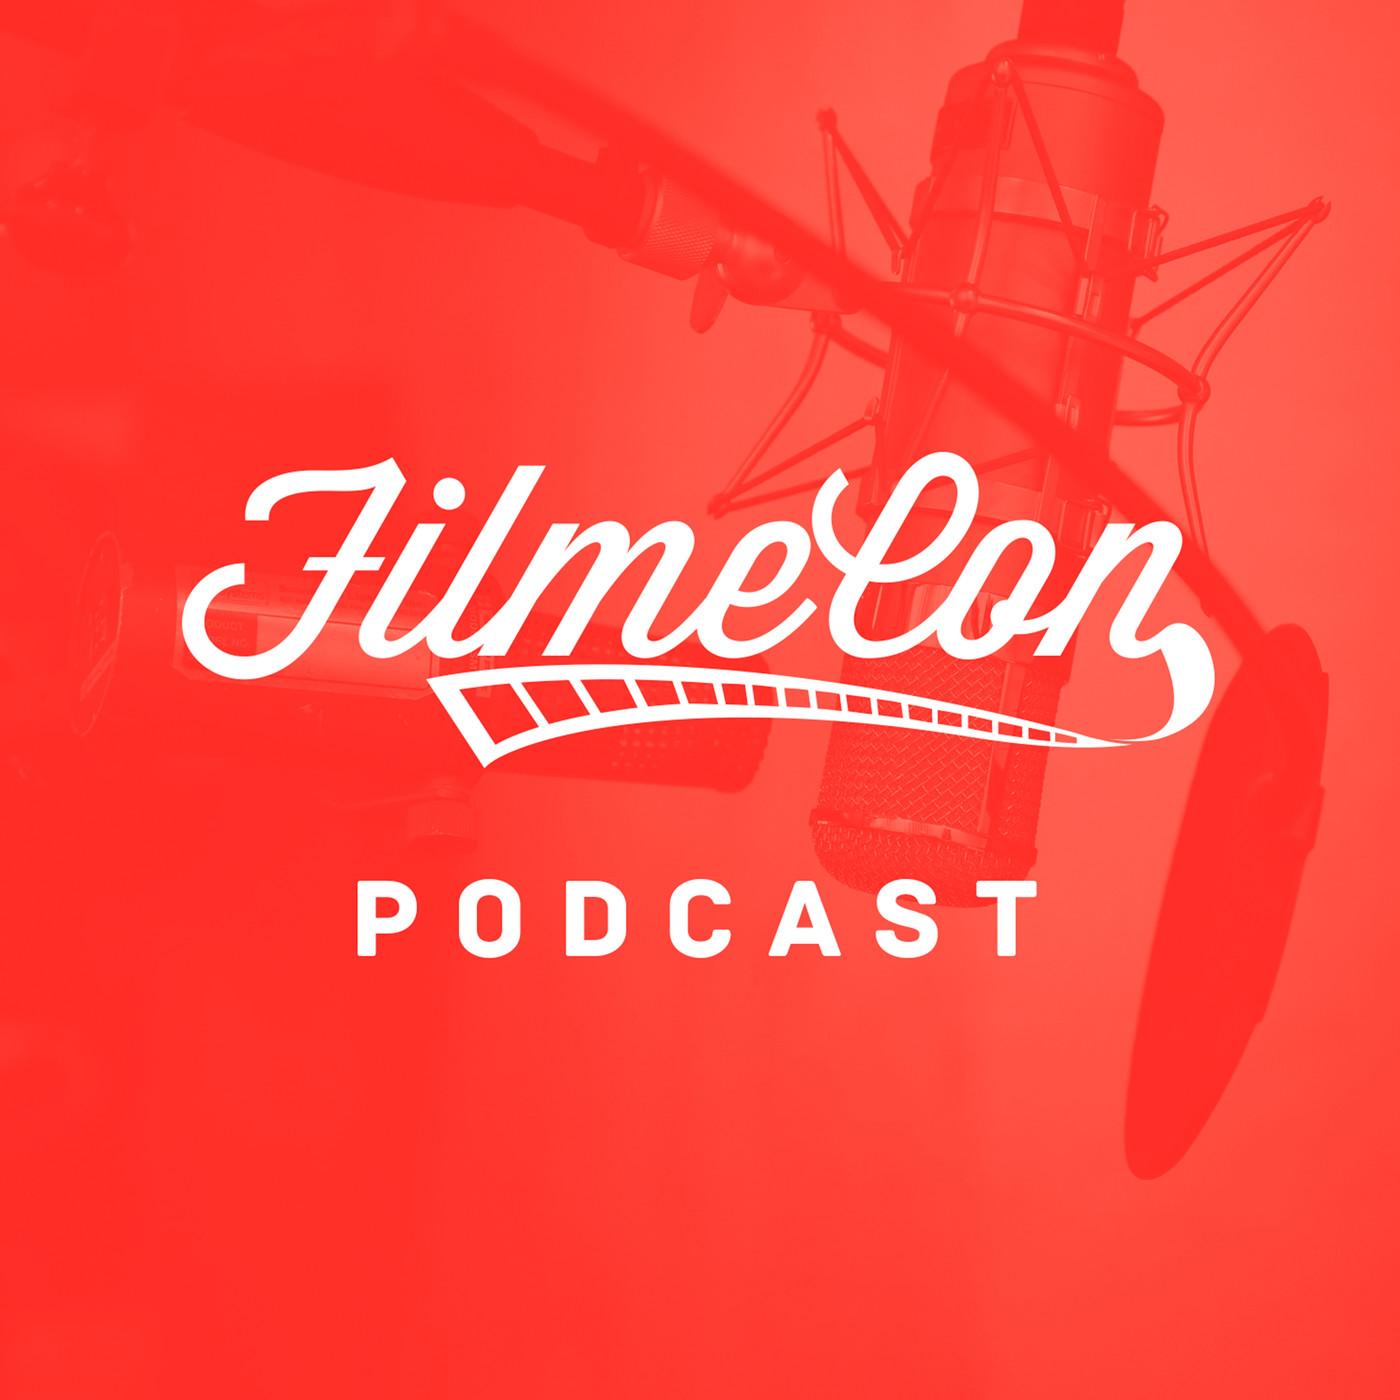 #22 Podcast Filmecon com Lua Voigt: Direção para o mercado publicitário